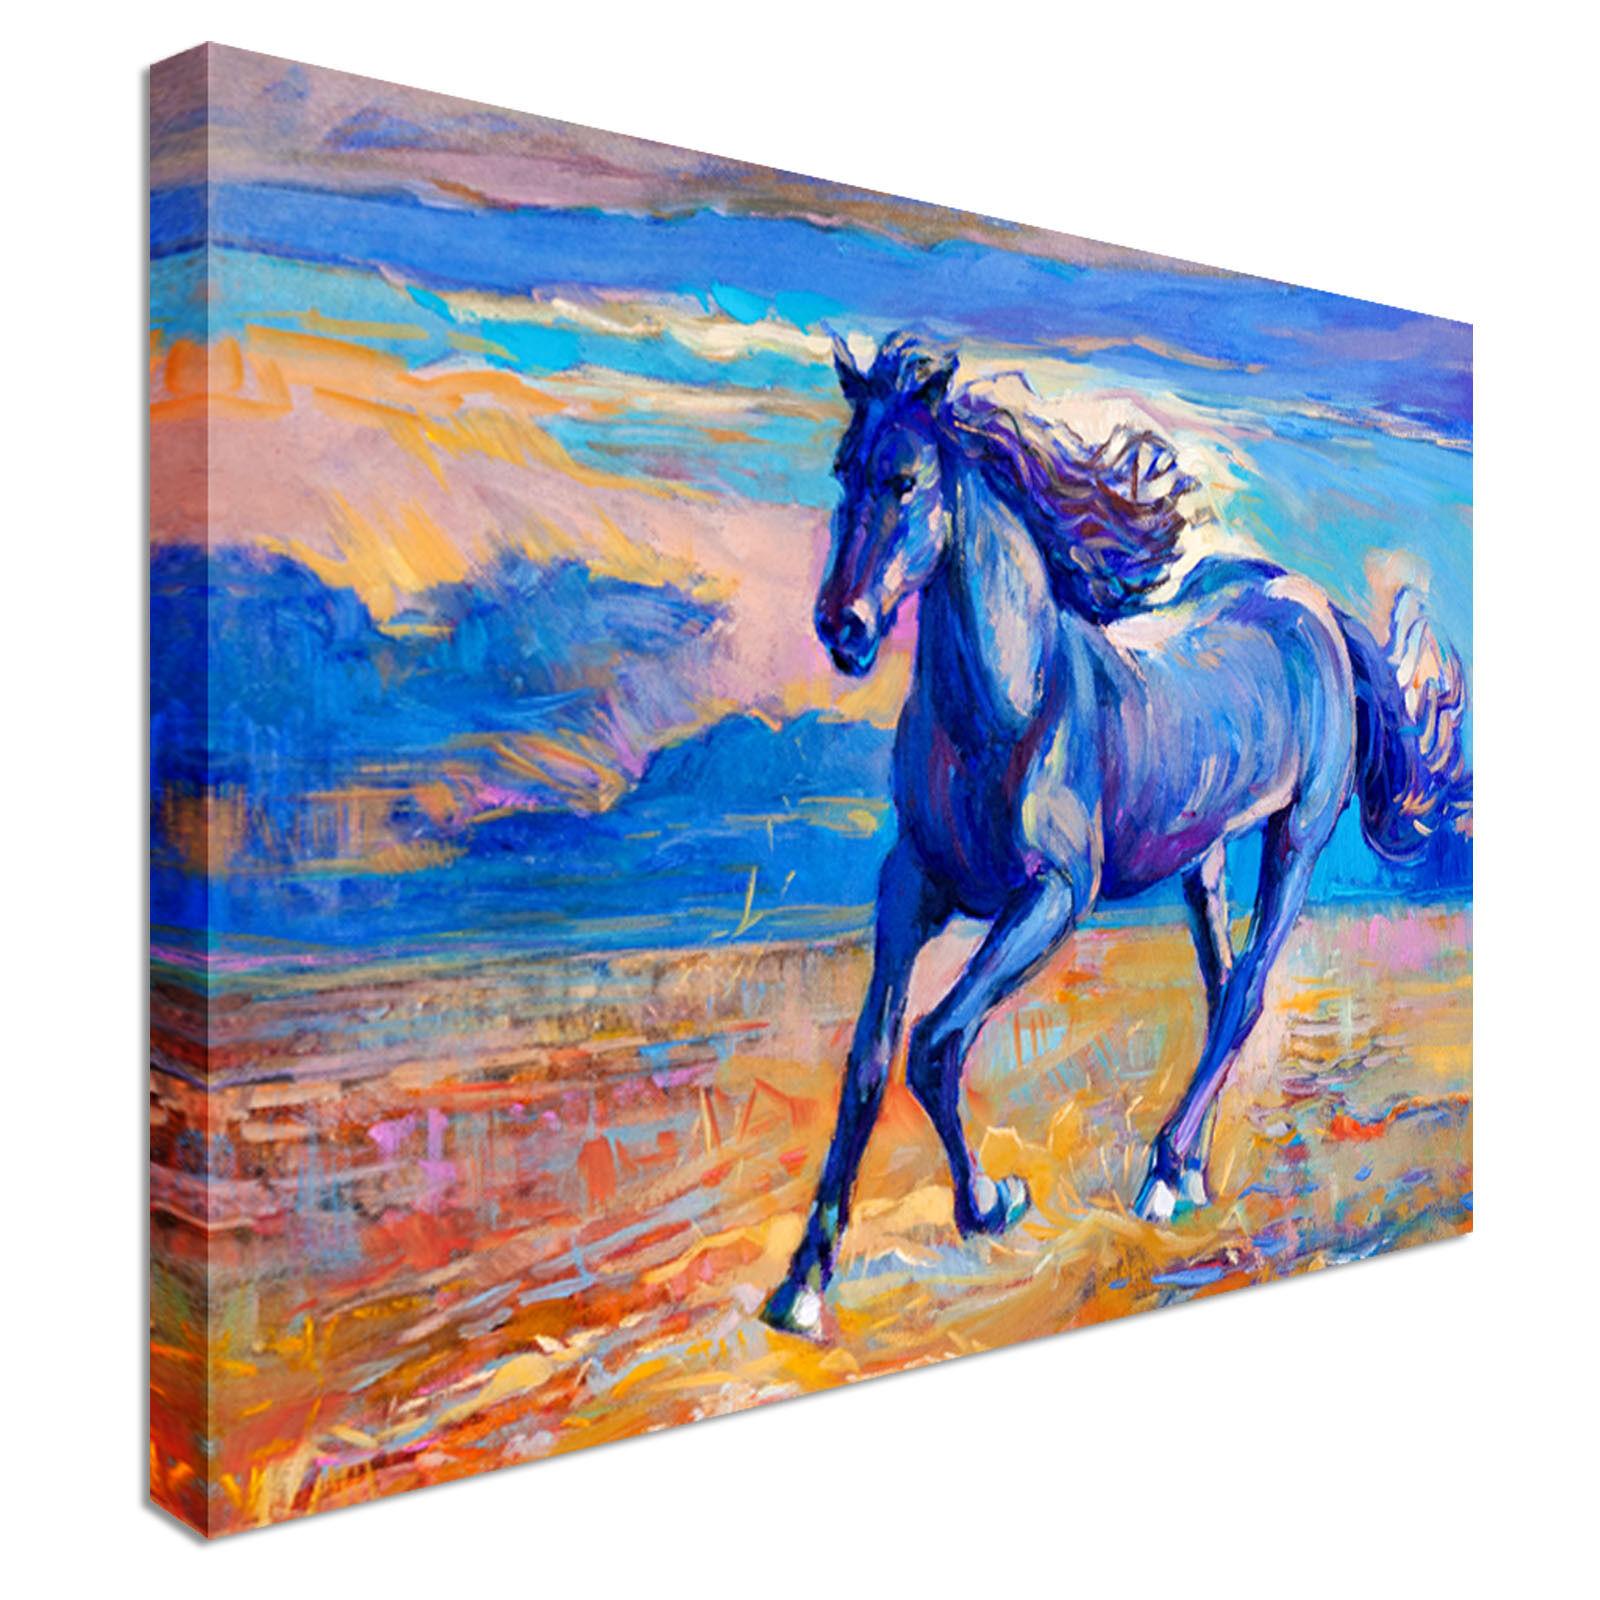 Esecuzione di Cavallo Blu Canvas Wall Wall Wall Art STAMPA di alta qualità 699ef7